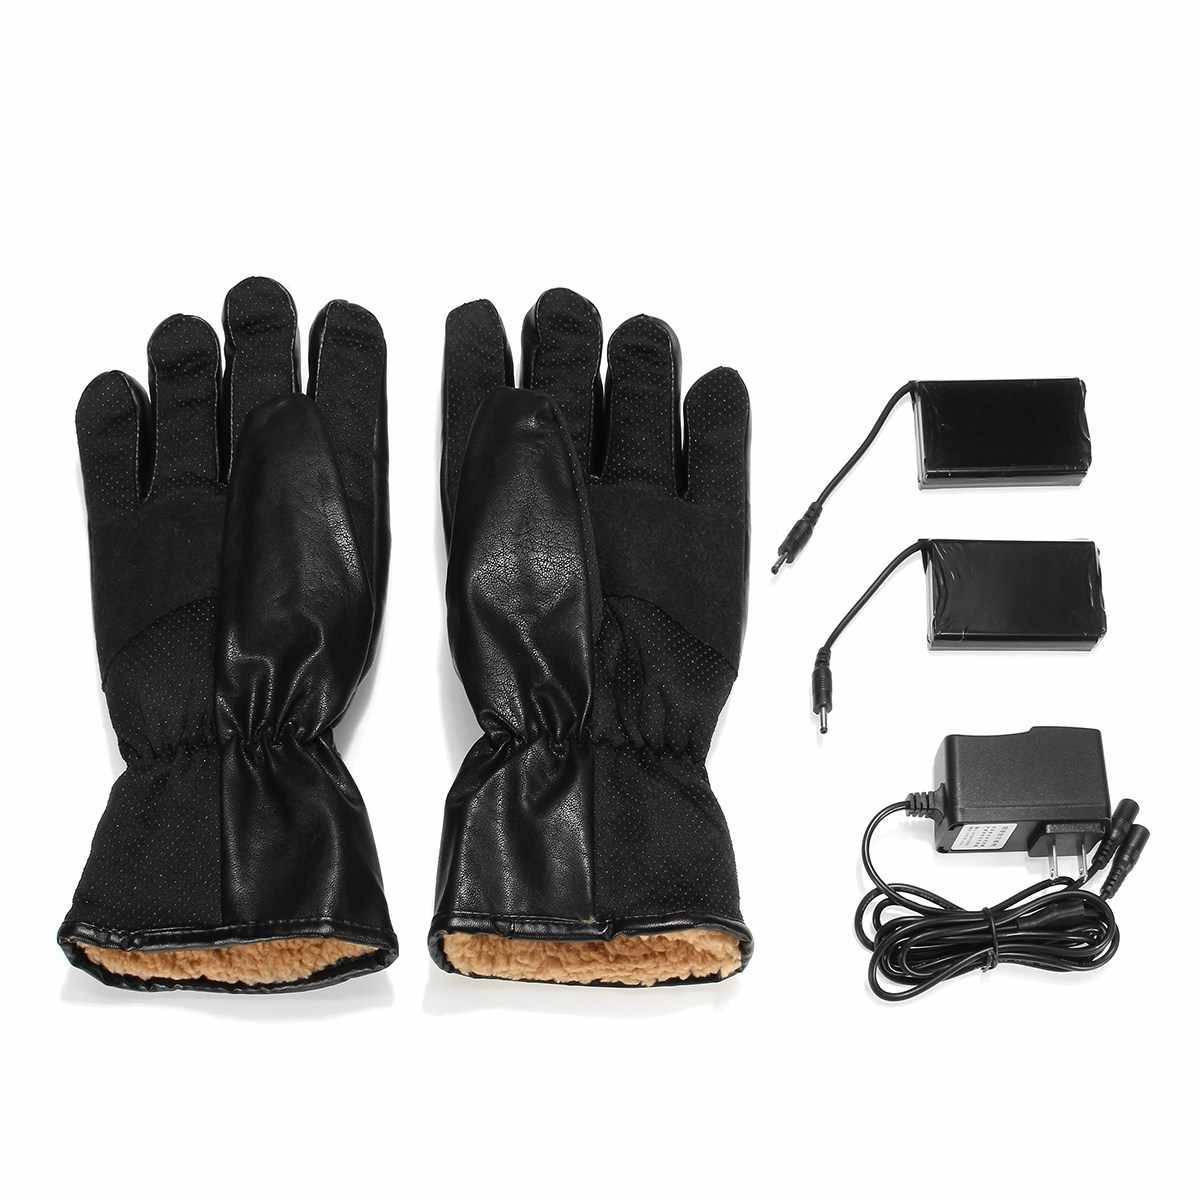 Детские перчатки (86 фото): размерная таблица, непромокаемые модели, зимние, без пальцев